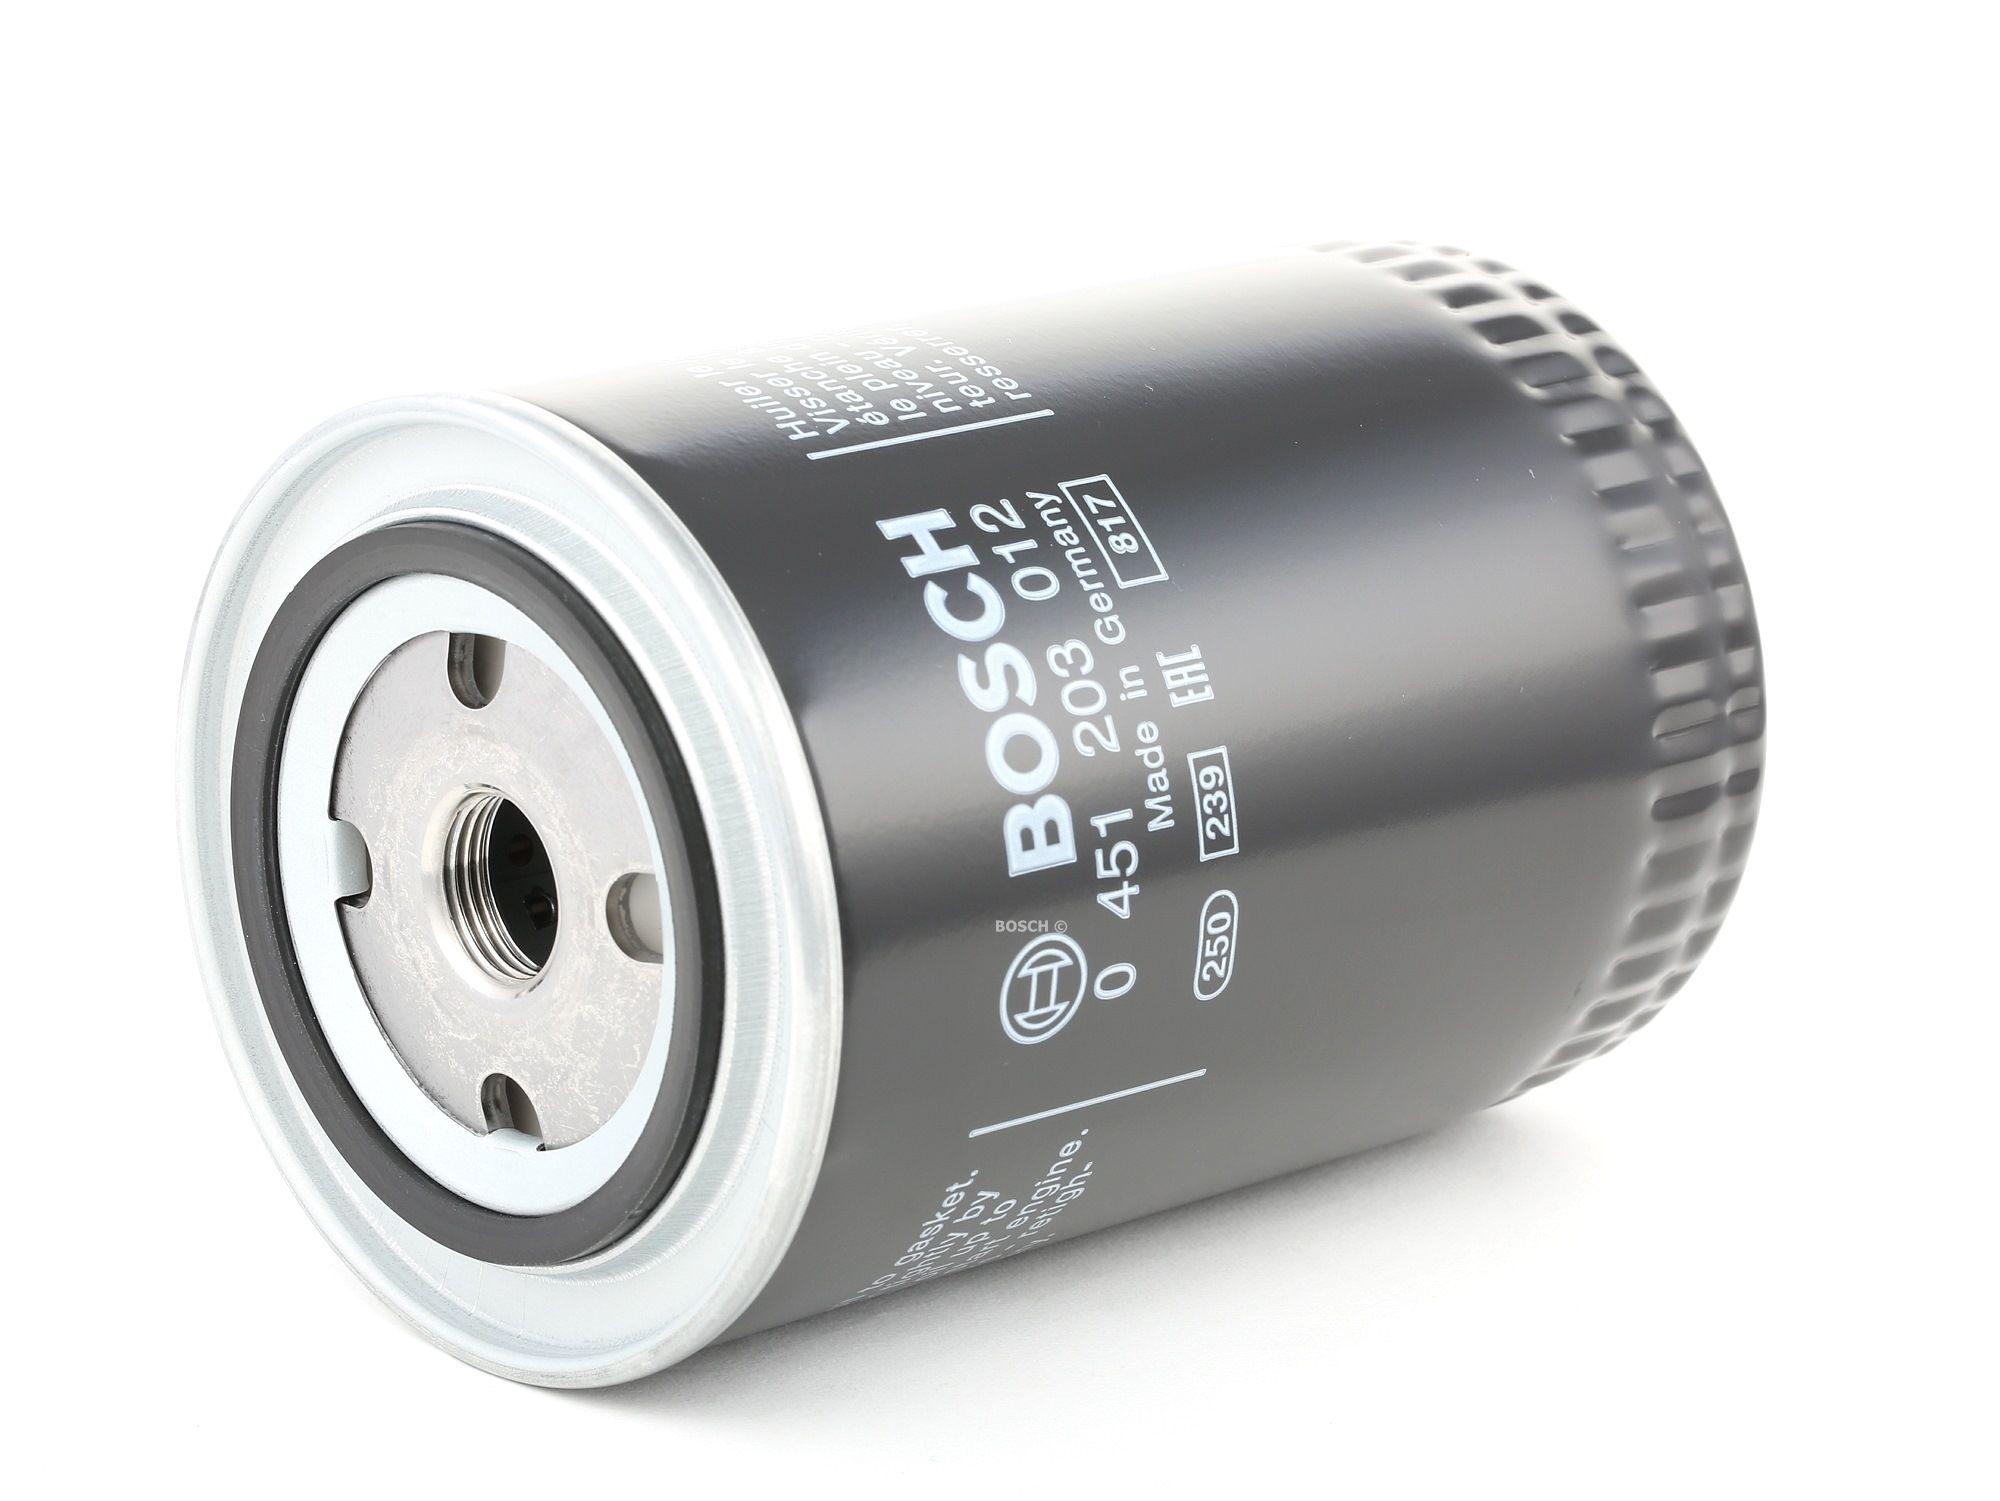 Oljni filter 0 451 203 012 za VW KOMBI po znižani ceni - kupi zdaj!